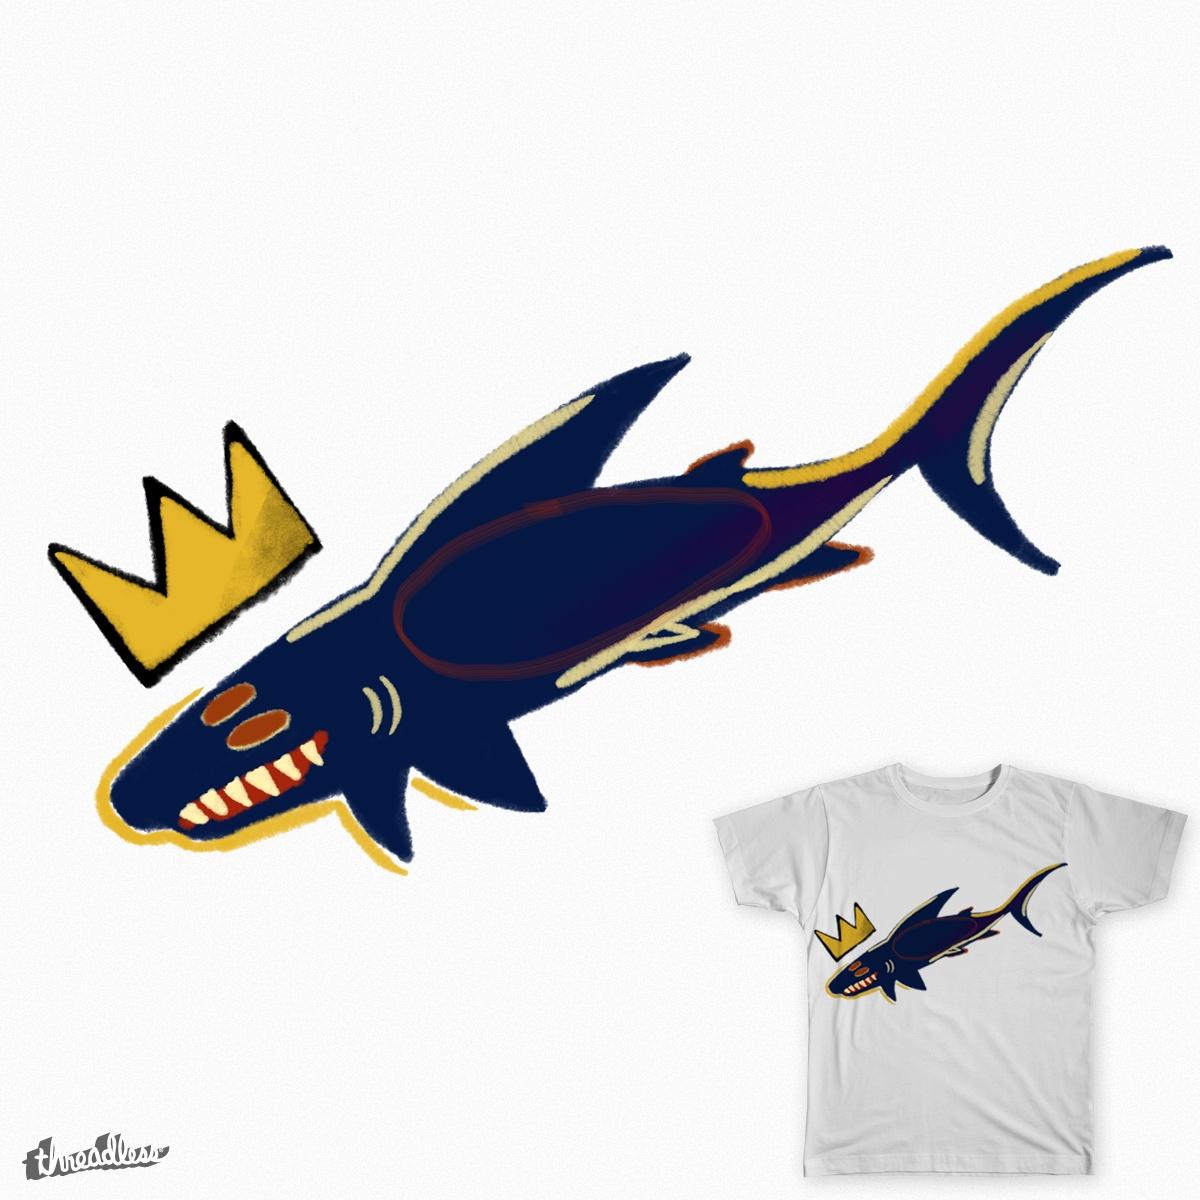 Score Basquiat Shark by dawnl on Threadless  Score Basquiat ...